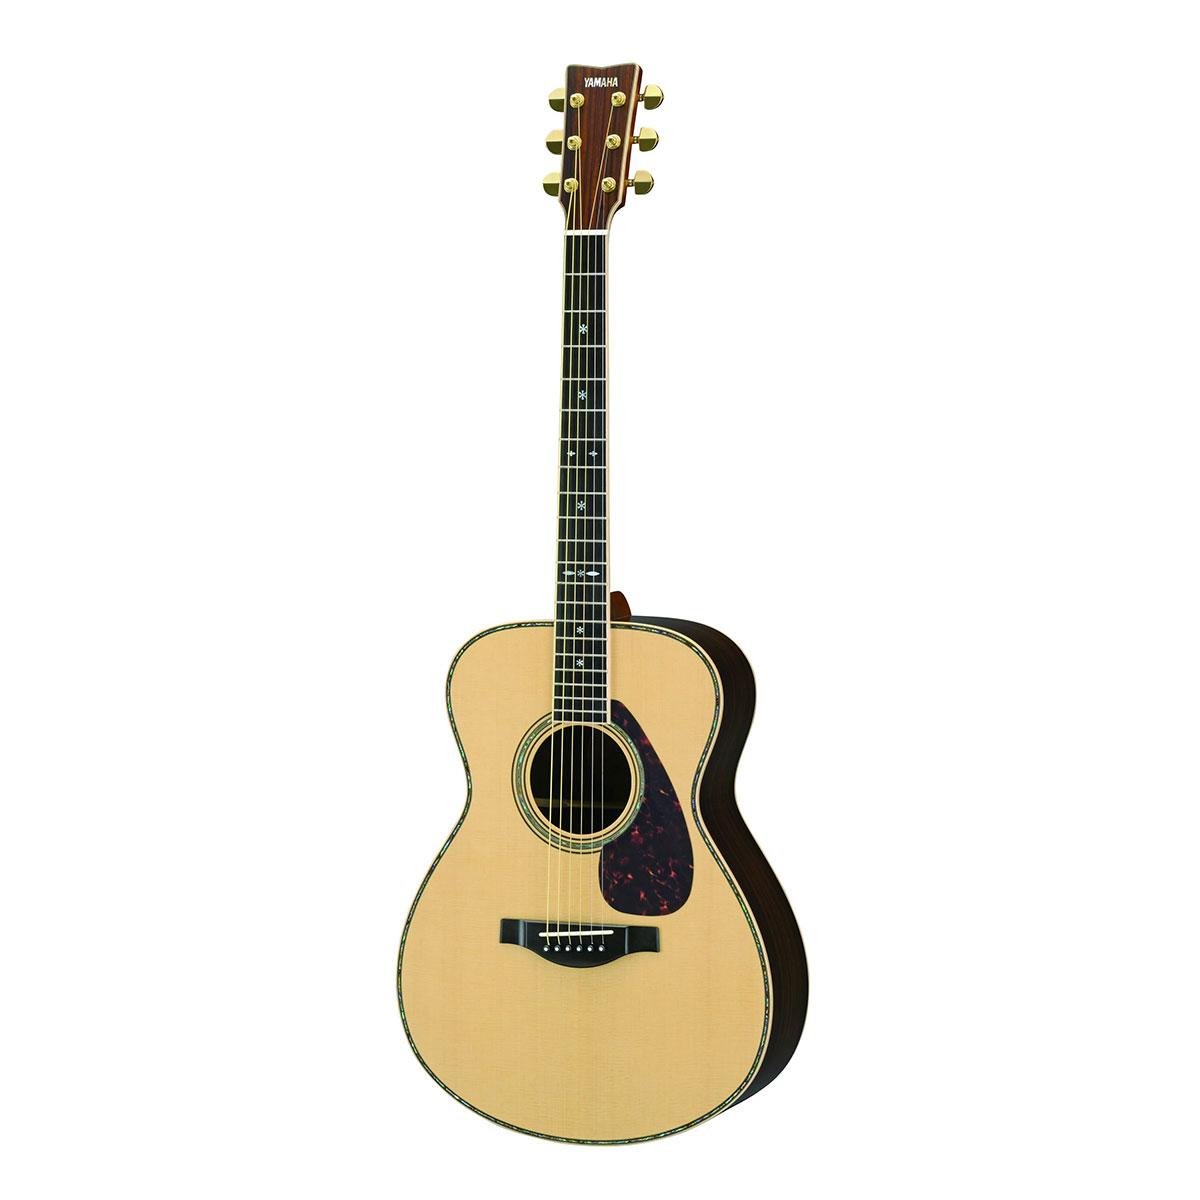 YAMAHA アコースティックギター LS36 ARE / Natural